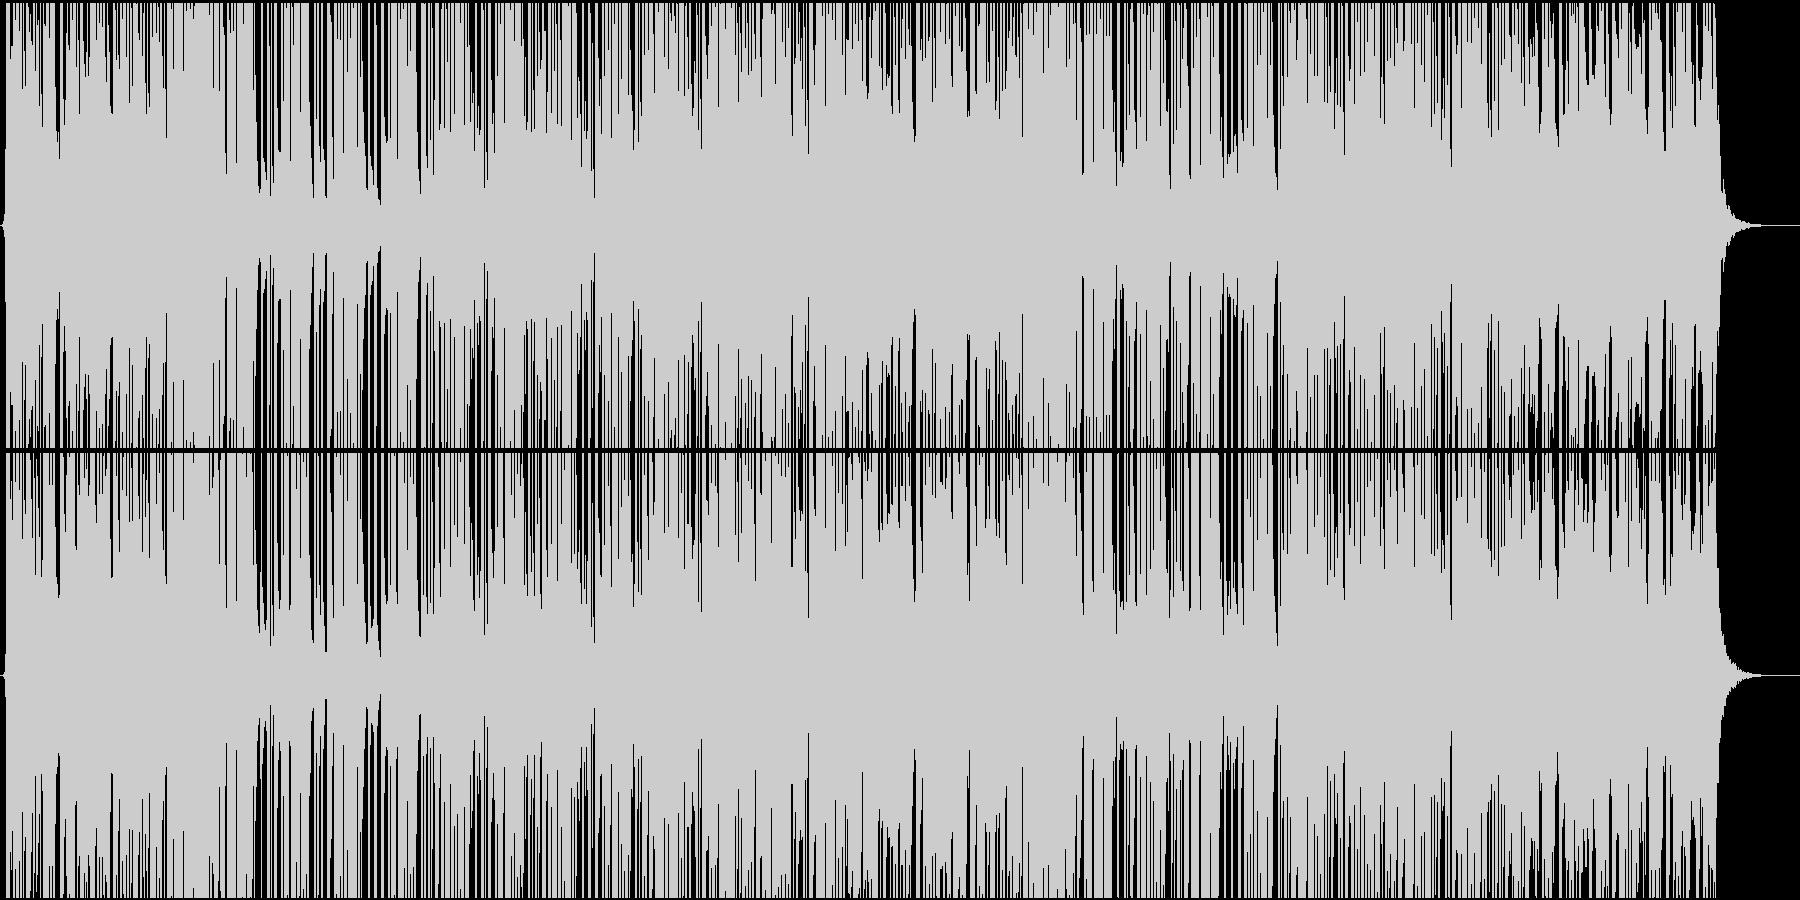 未来 ベース スタイリッシュ シン...の未再生の波形